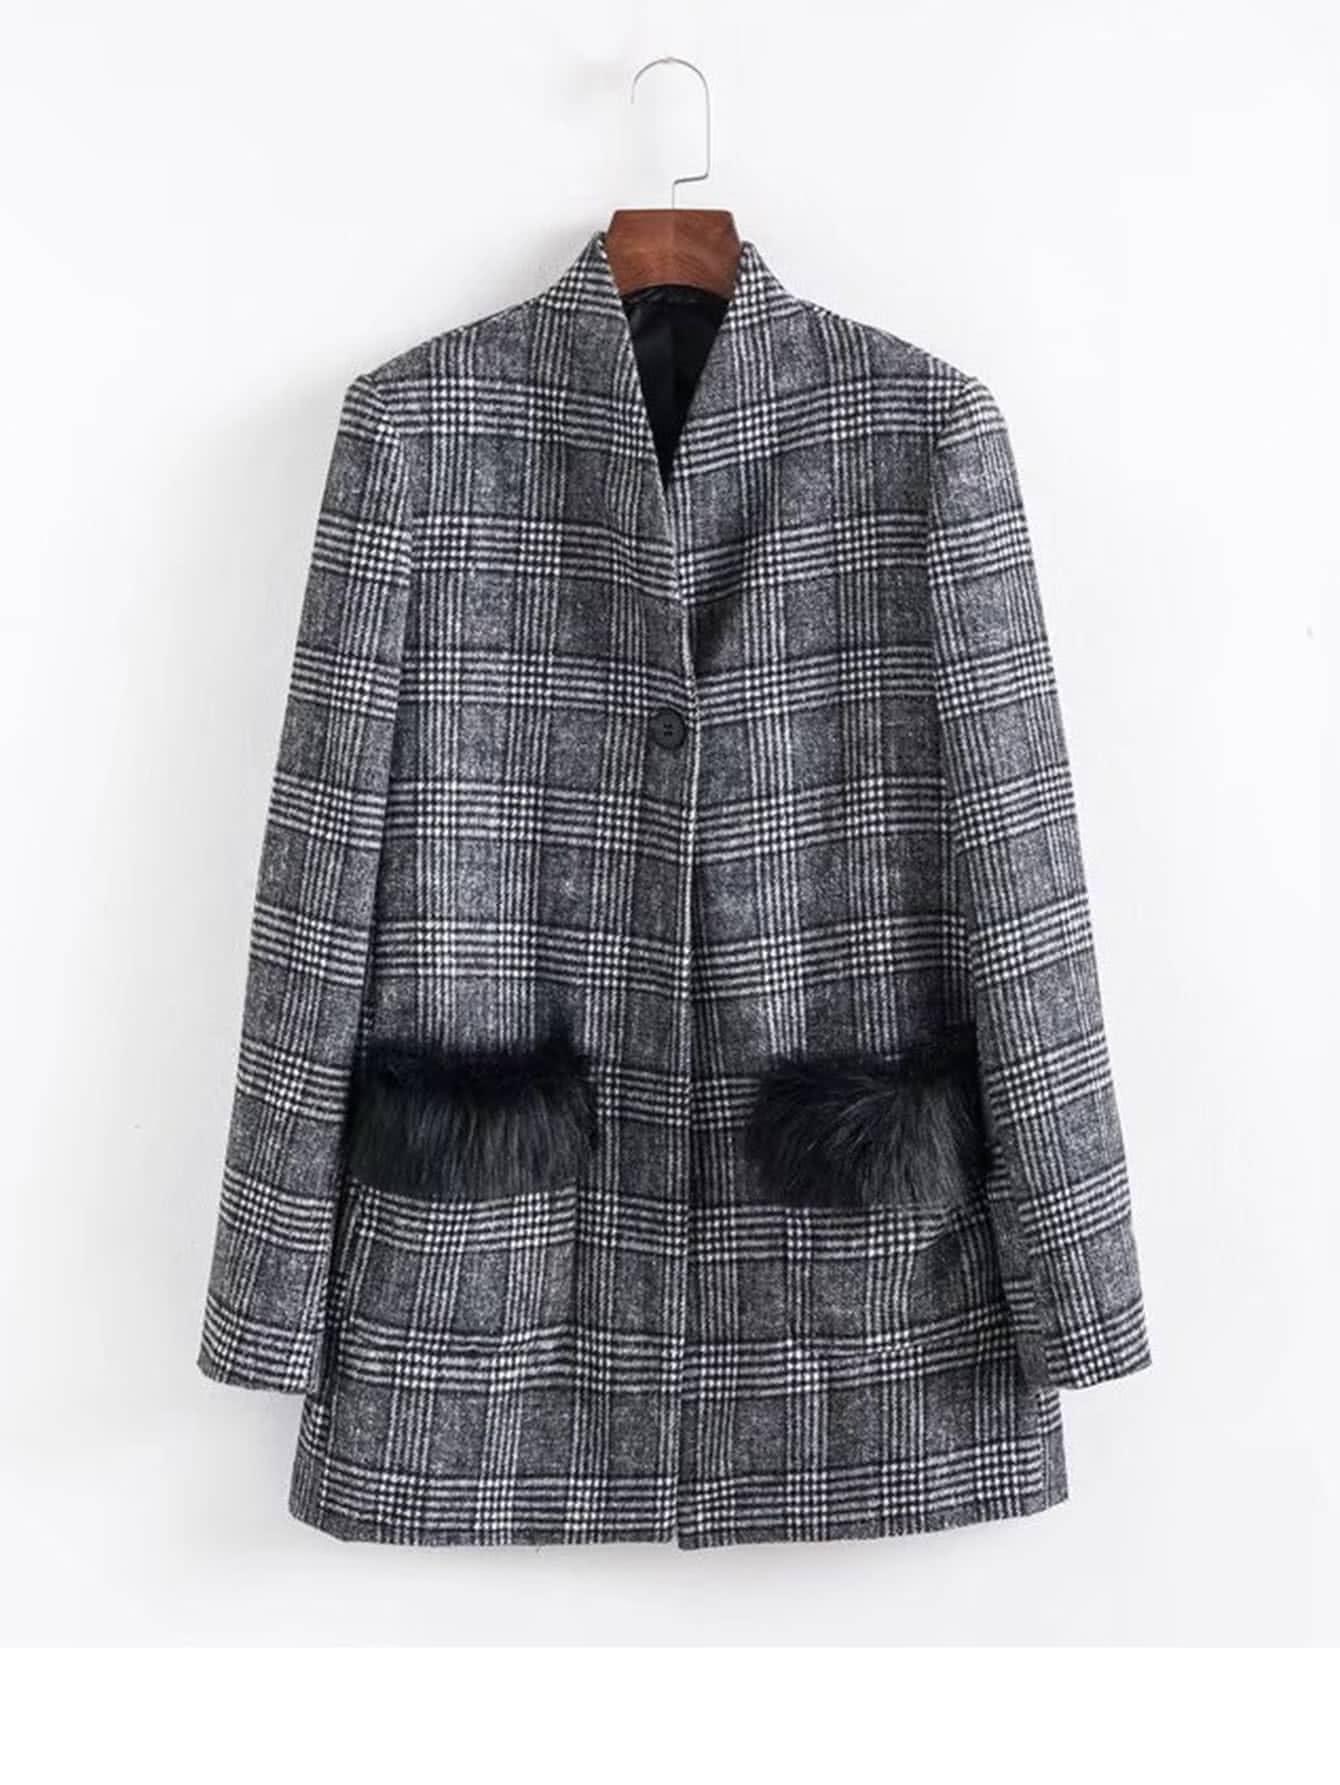 Contrast Faux Fur Plaid Blazer drop shoulder contrast faux fur sleeve sweatshirt